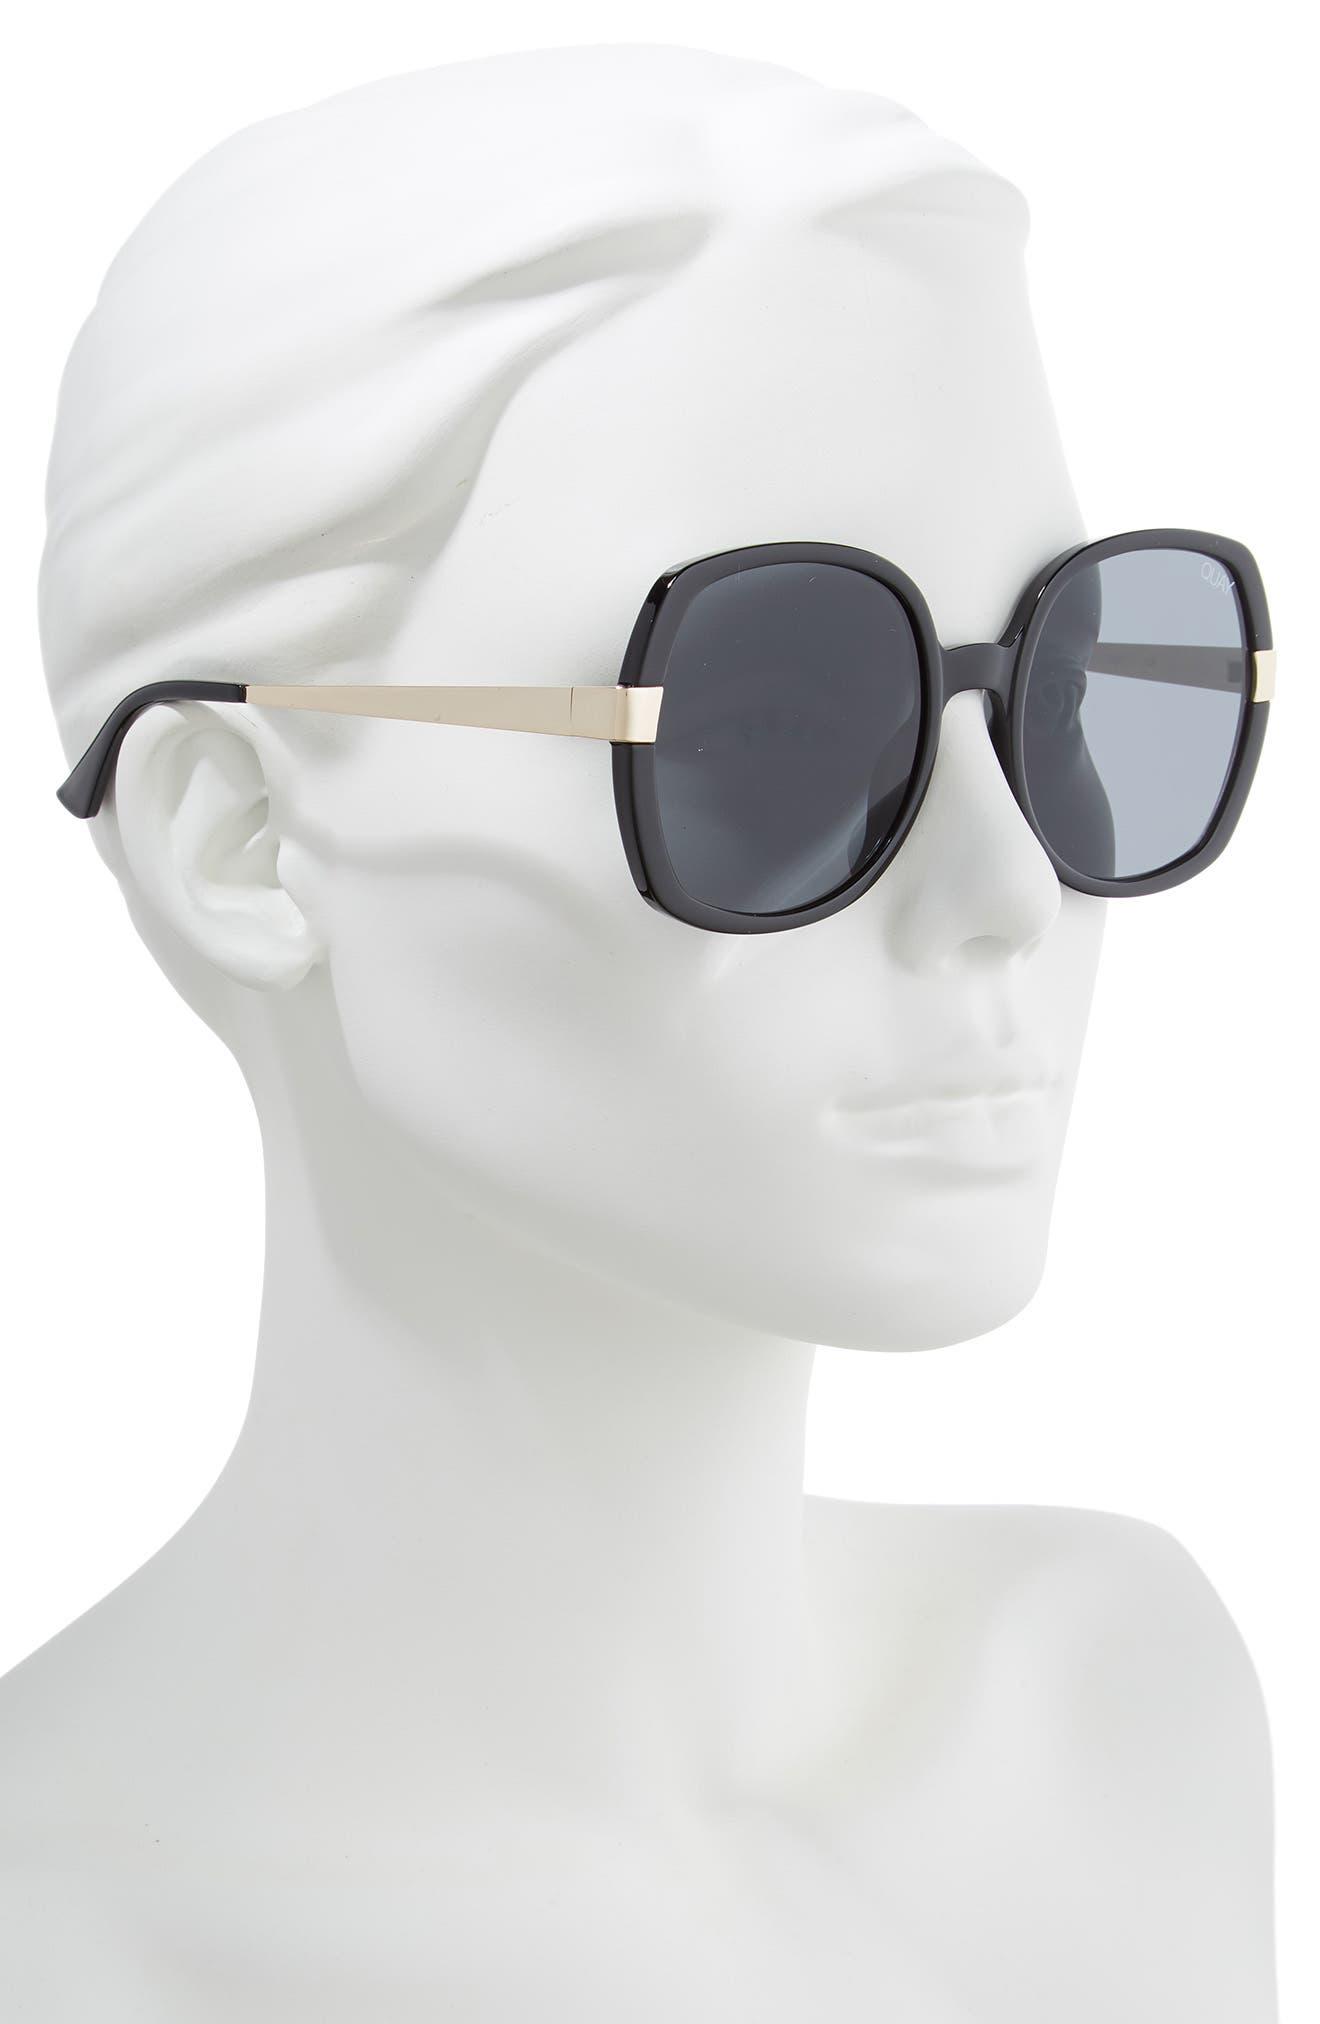 Gold Dust 55mm Square Sunglasses,                             Alternate thumbnail 2, color,                             BLACK / SMOKE